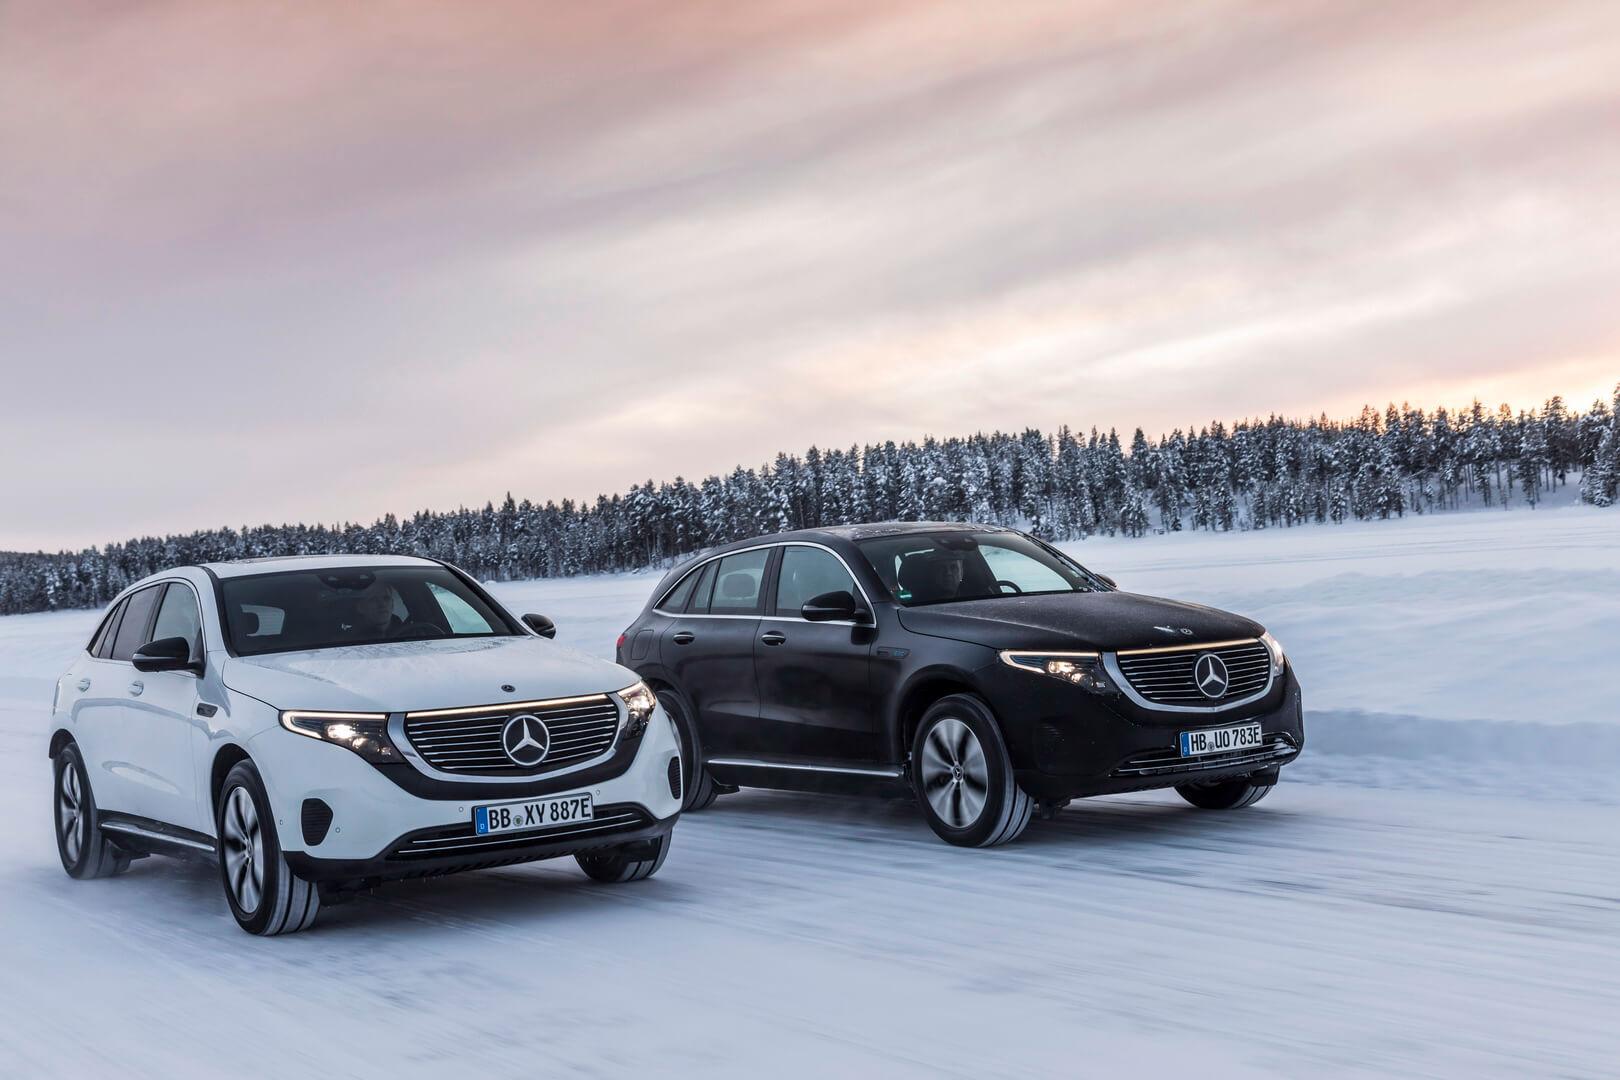 Mercedes-Benz тестирует электромобиль вснежных ландшафтах Швеции